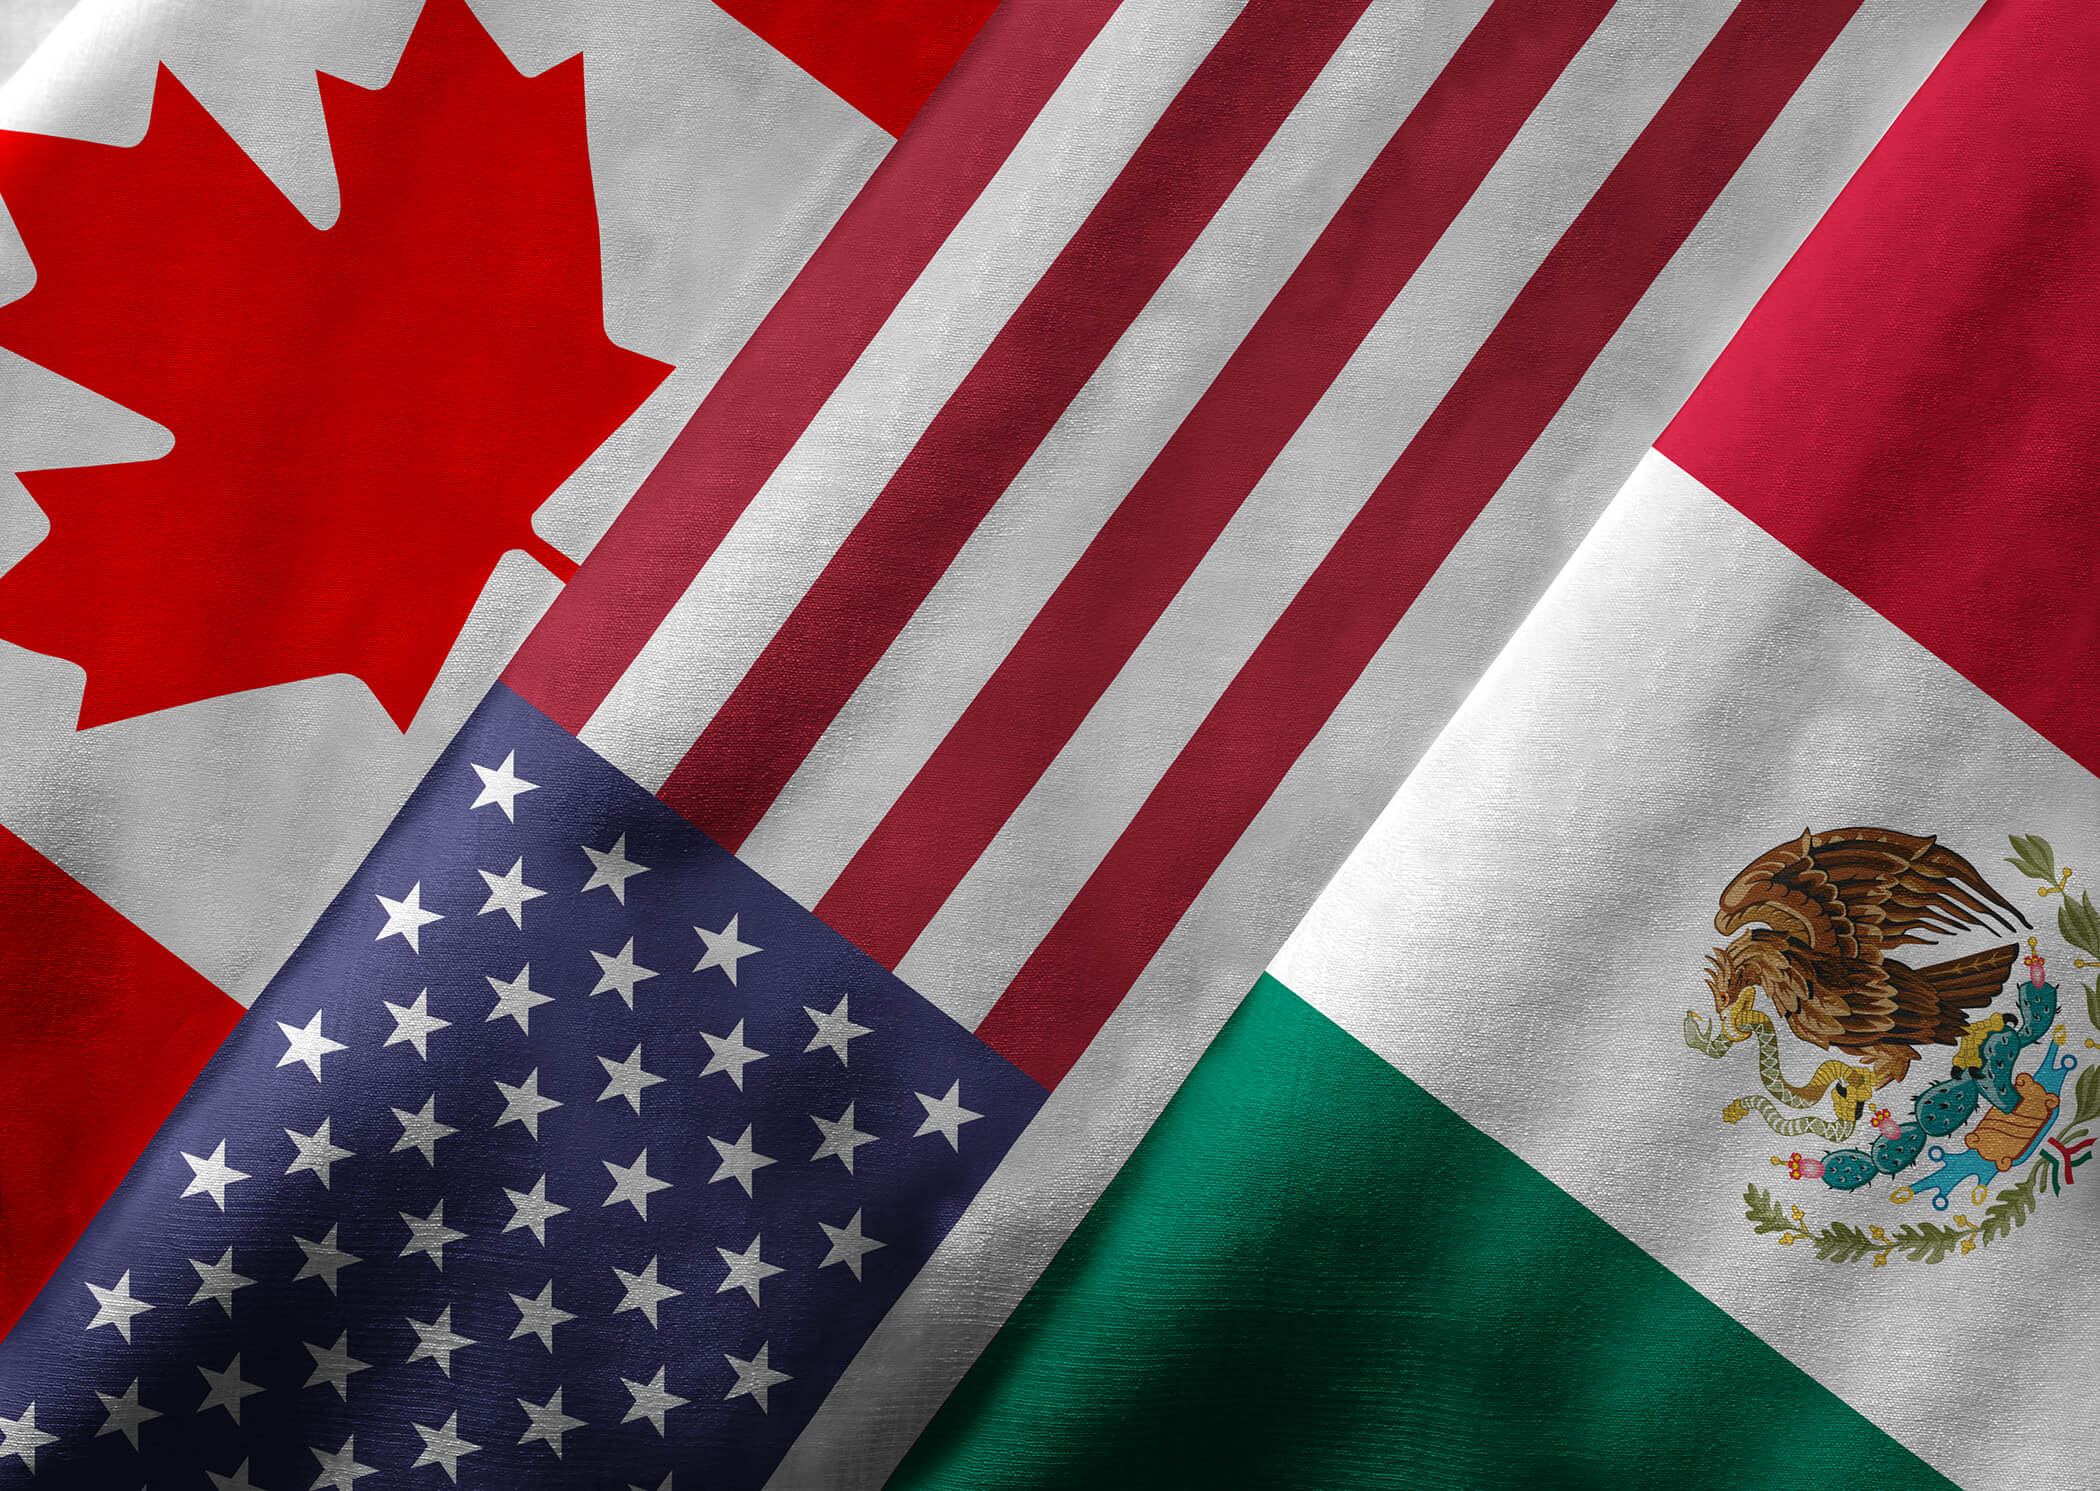 مفاوضات اتفاقية NAFTA لم تحرز التقدم المتوقع